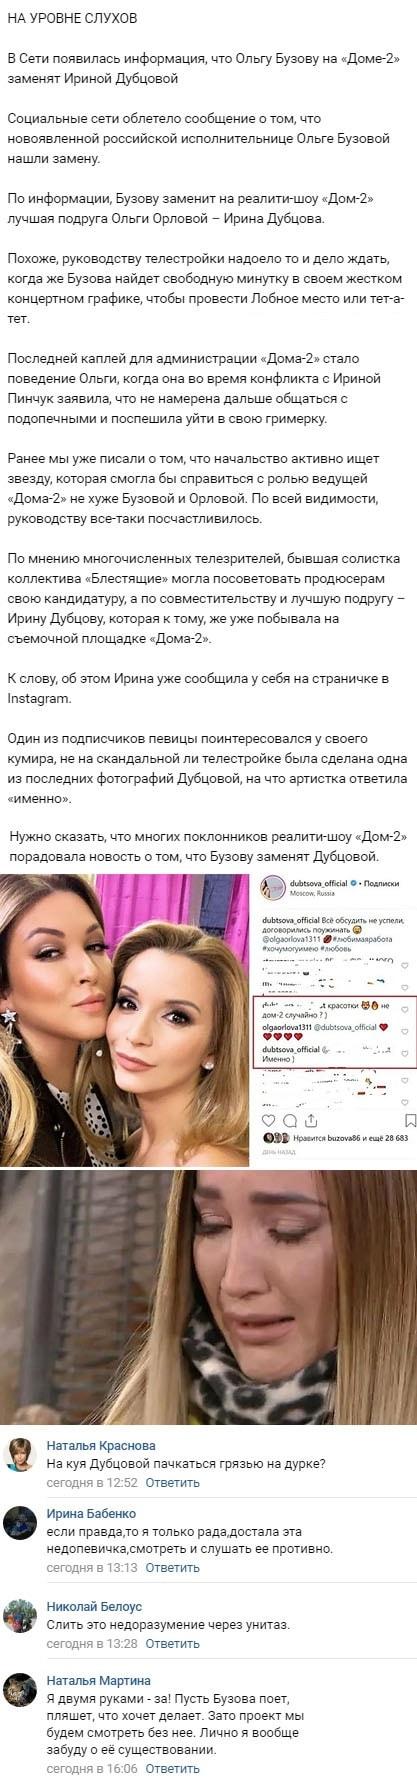 Ольга Орлова подыскала замену Ольге Бузовой